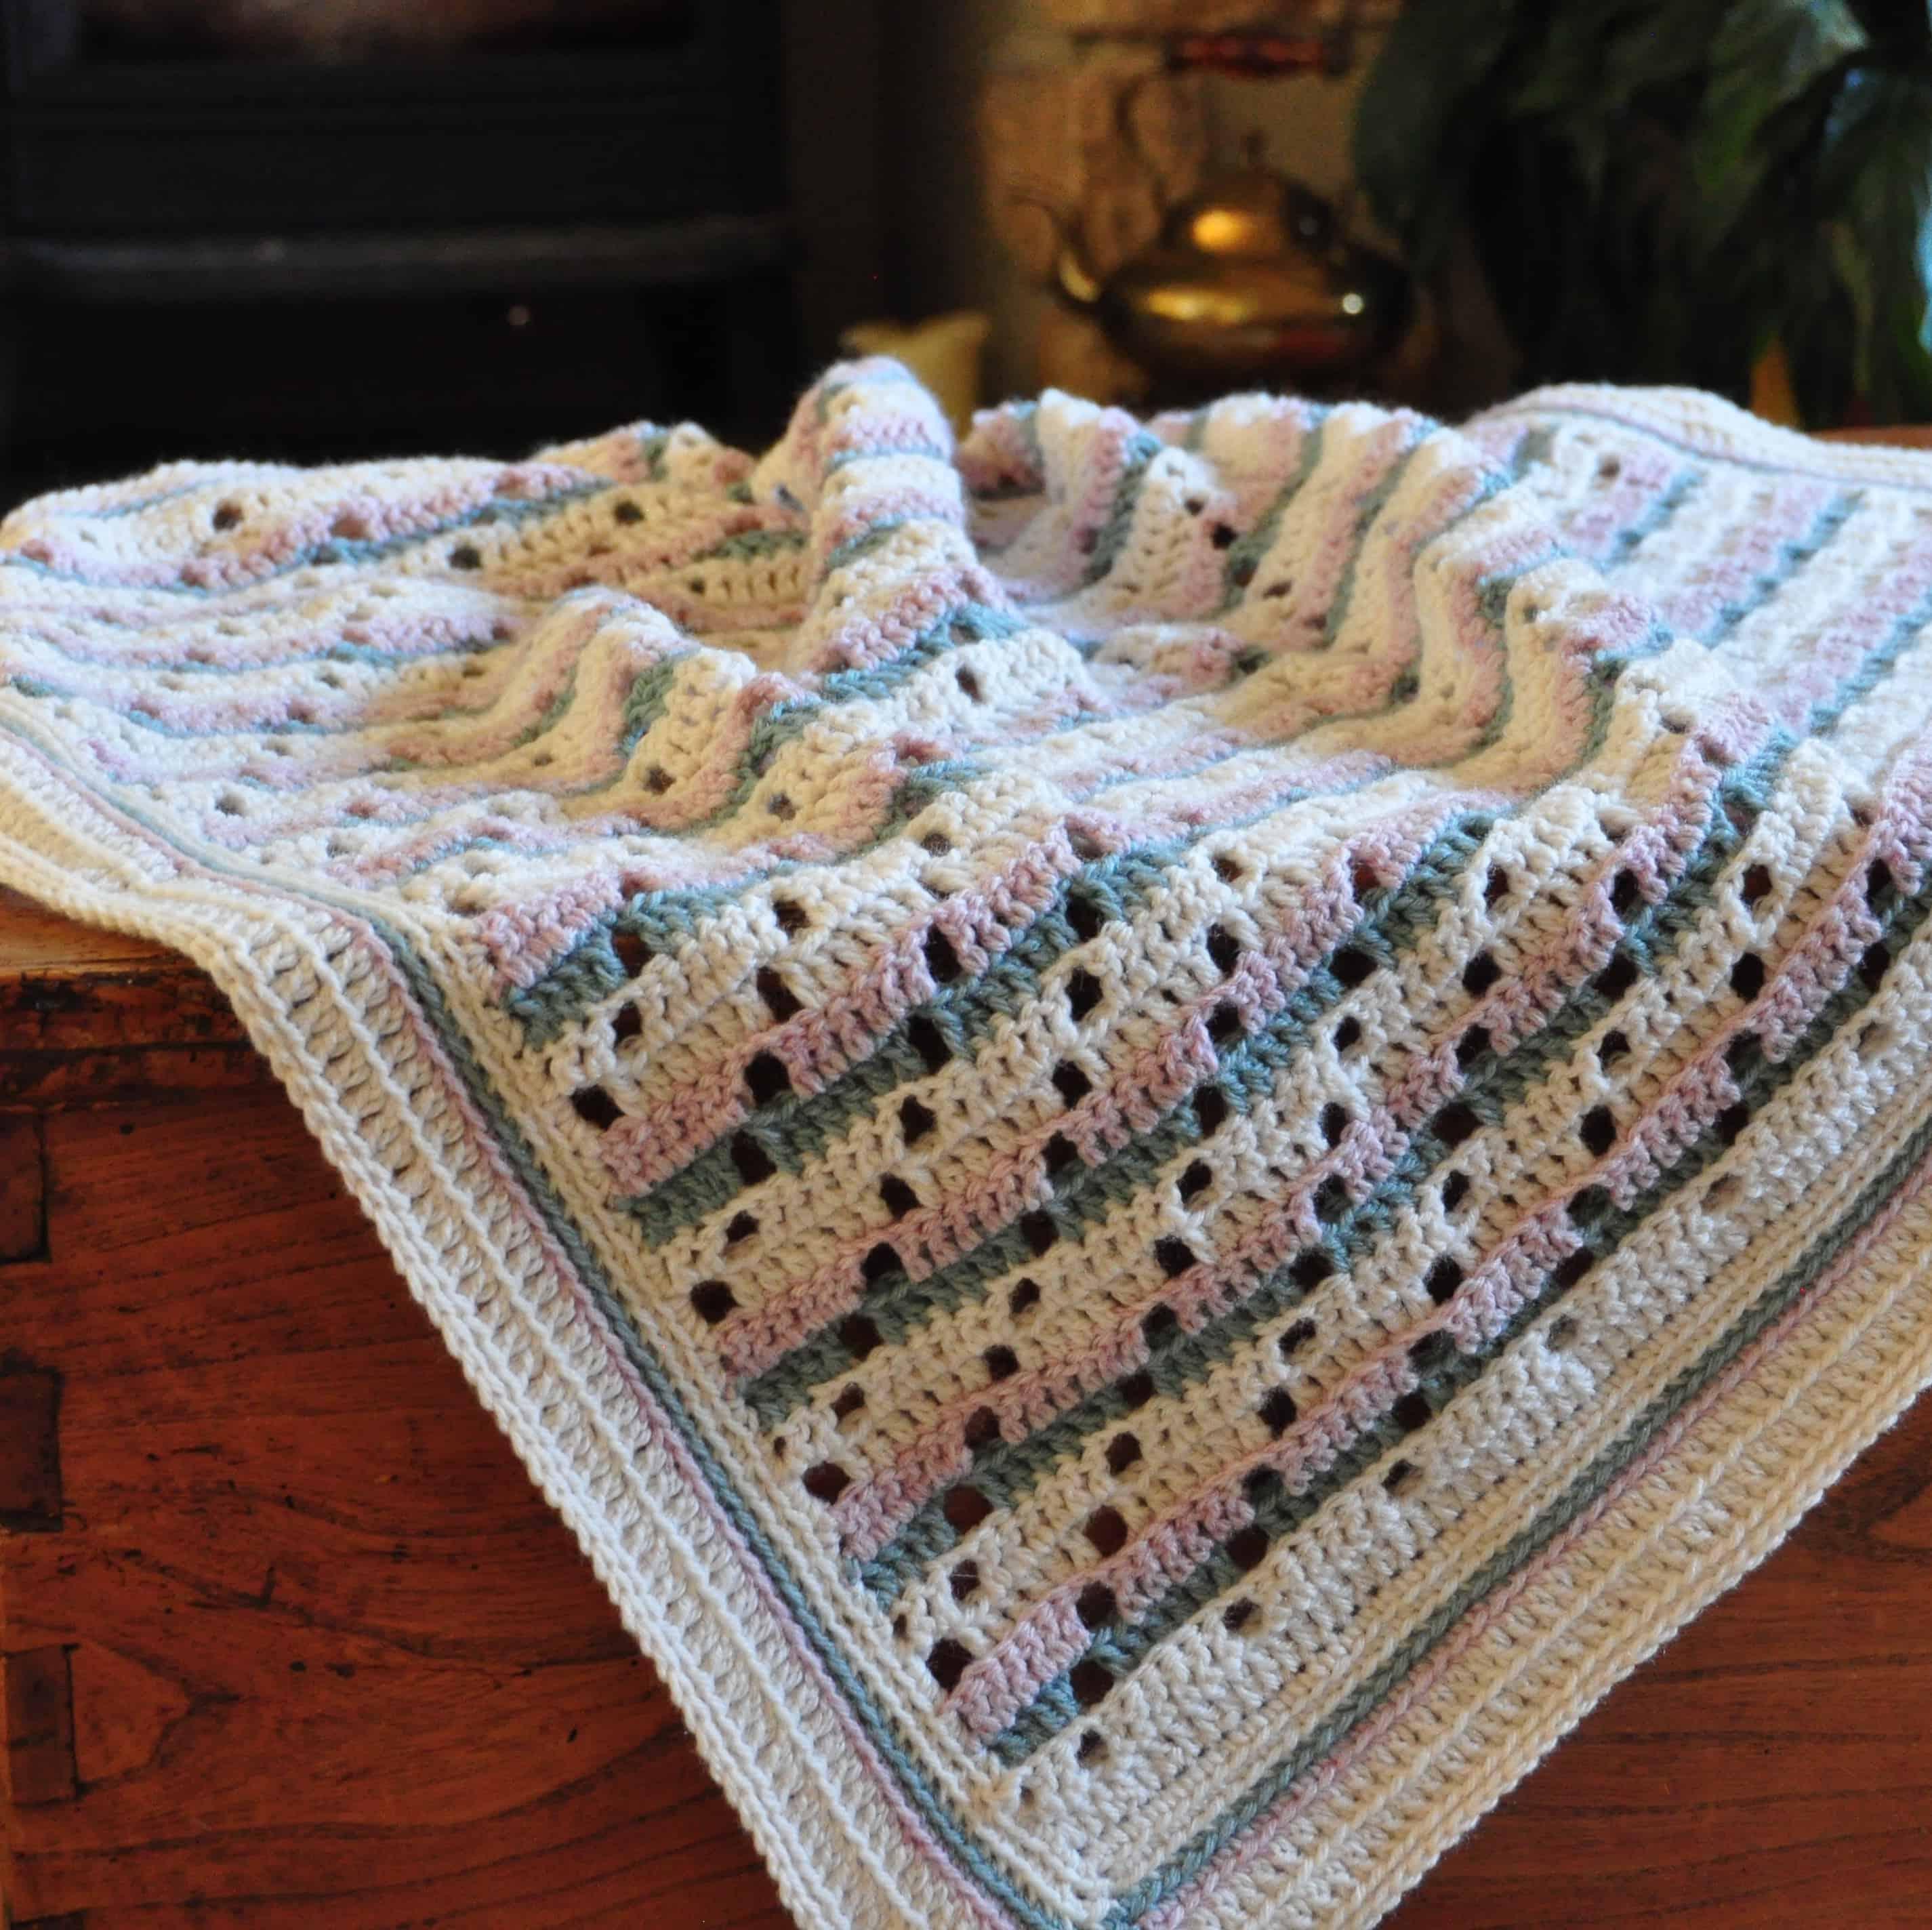 soft steps blanket free crochet pattern by Hannah Cross